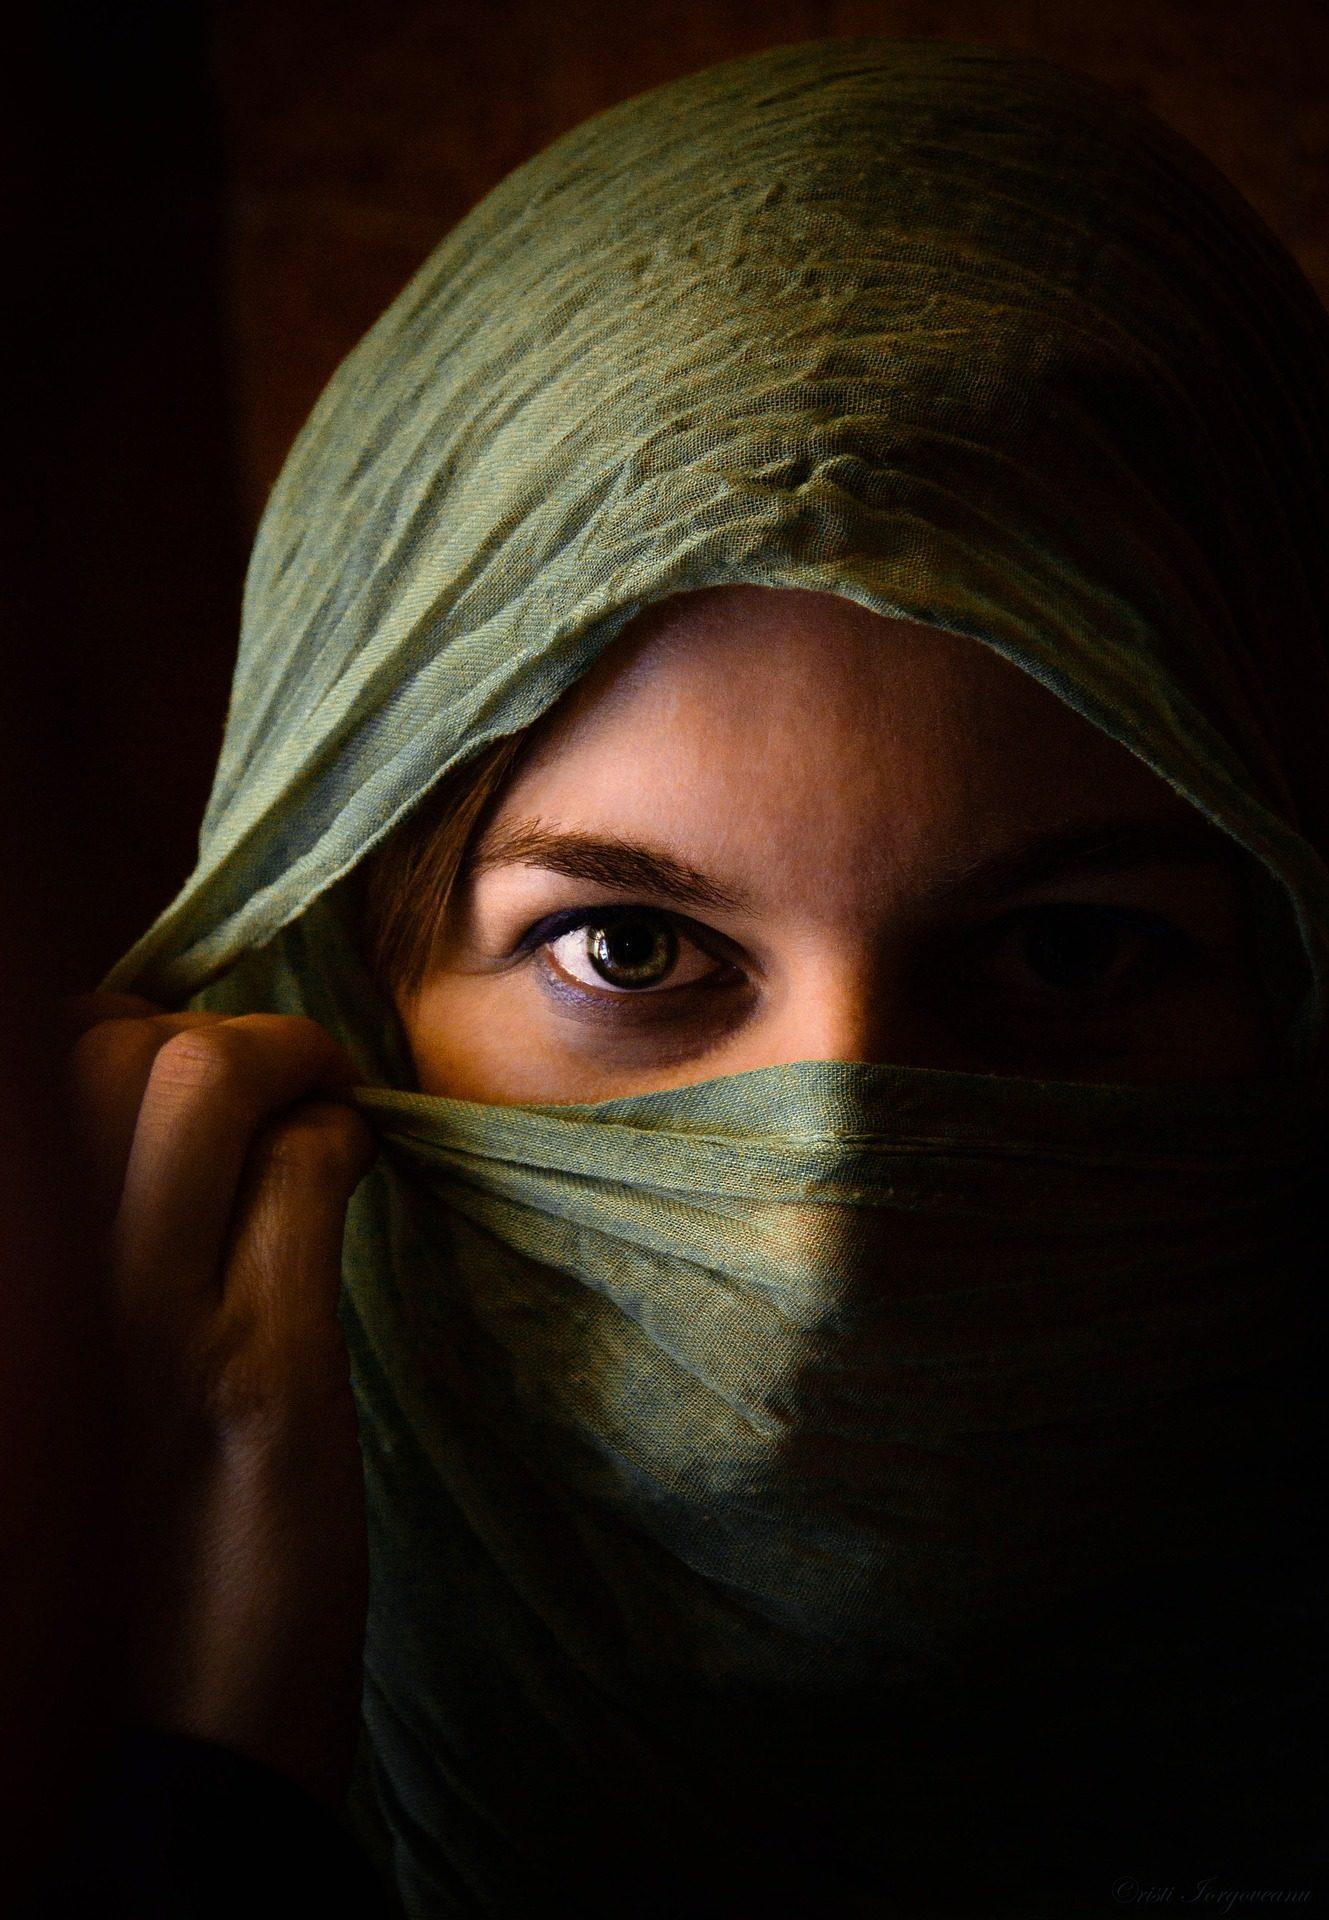 γυναίκα, τα μάτια, πέπλο, κασκόλ, Κοίτα - Wallpapers HD - Professor-falken.com